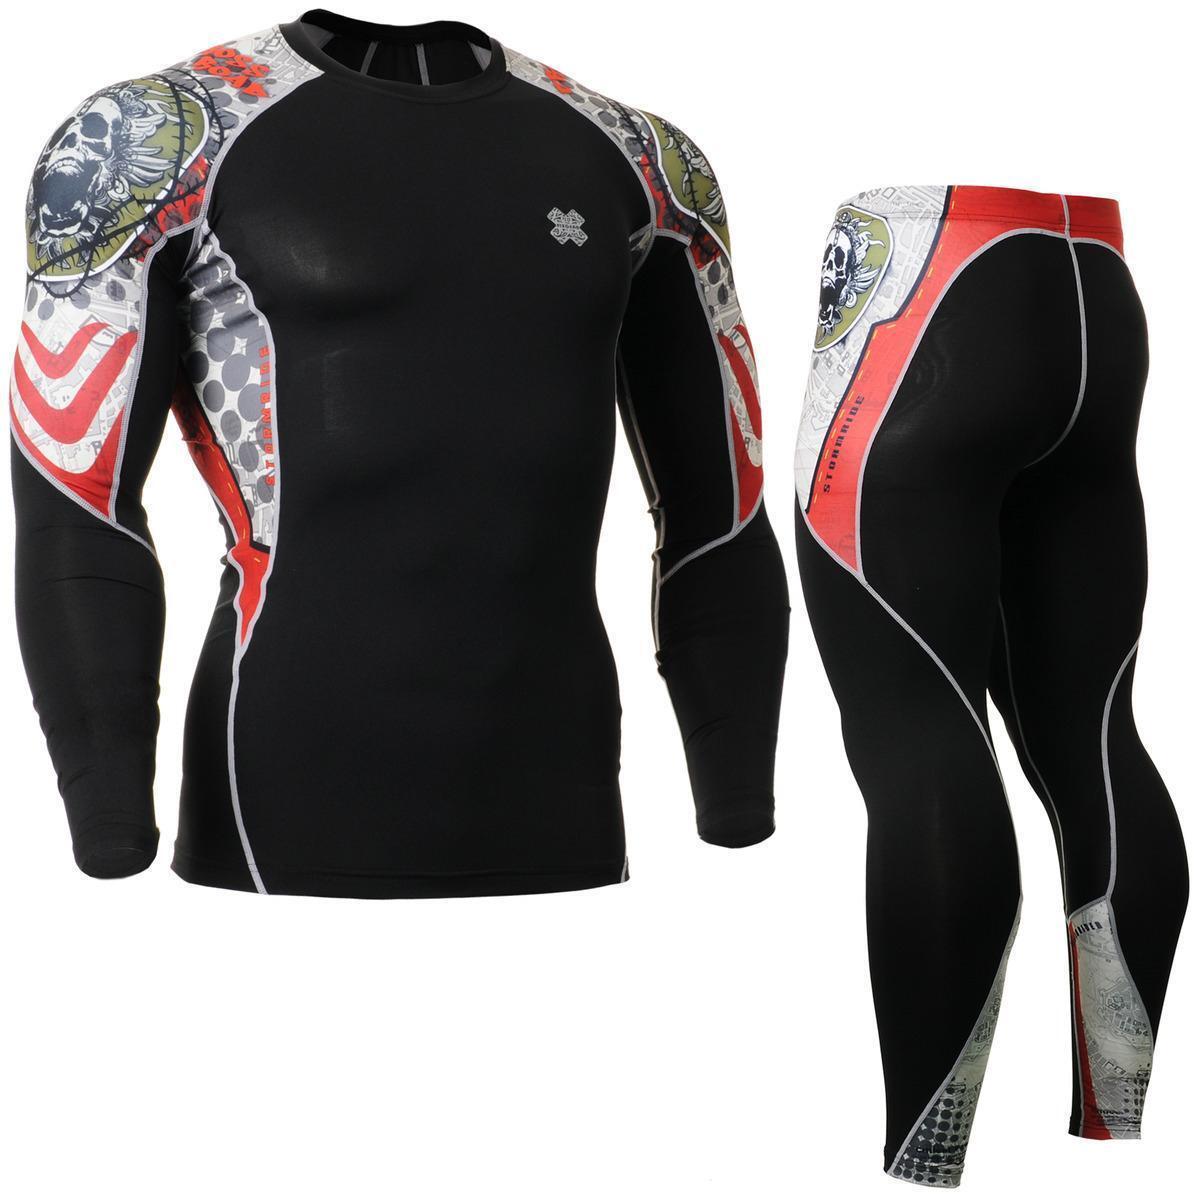 FIXGEAR C2L P2L-B5 Compression  Shirts & Pants Set Sportswear MMA Training Gym  fashion brands